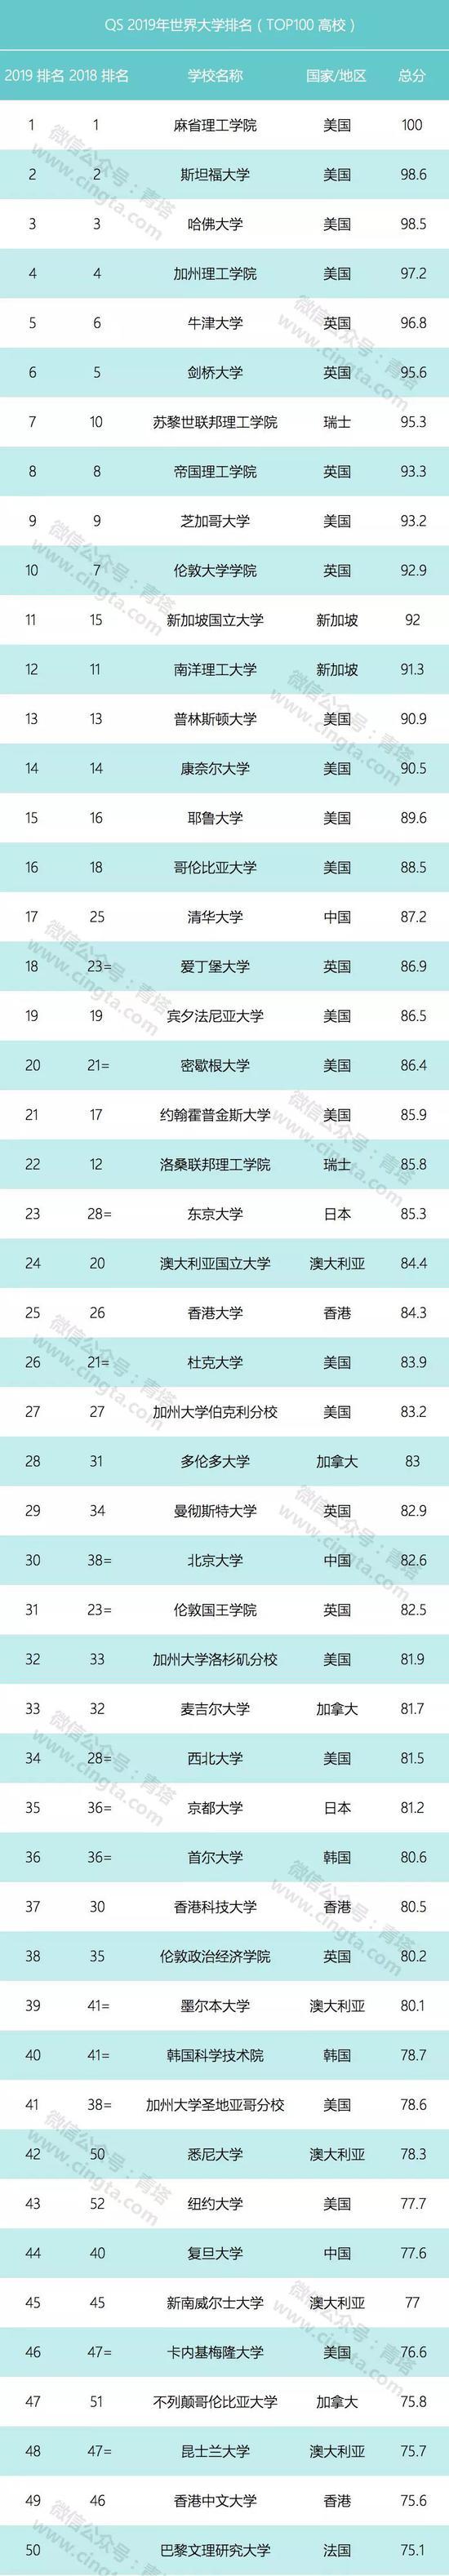 2018高校排行_2018中国大学排行榜 3所晋升世界一流大学 黑龙江有哪所